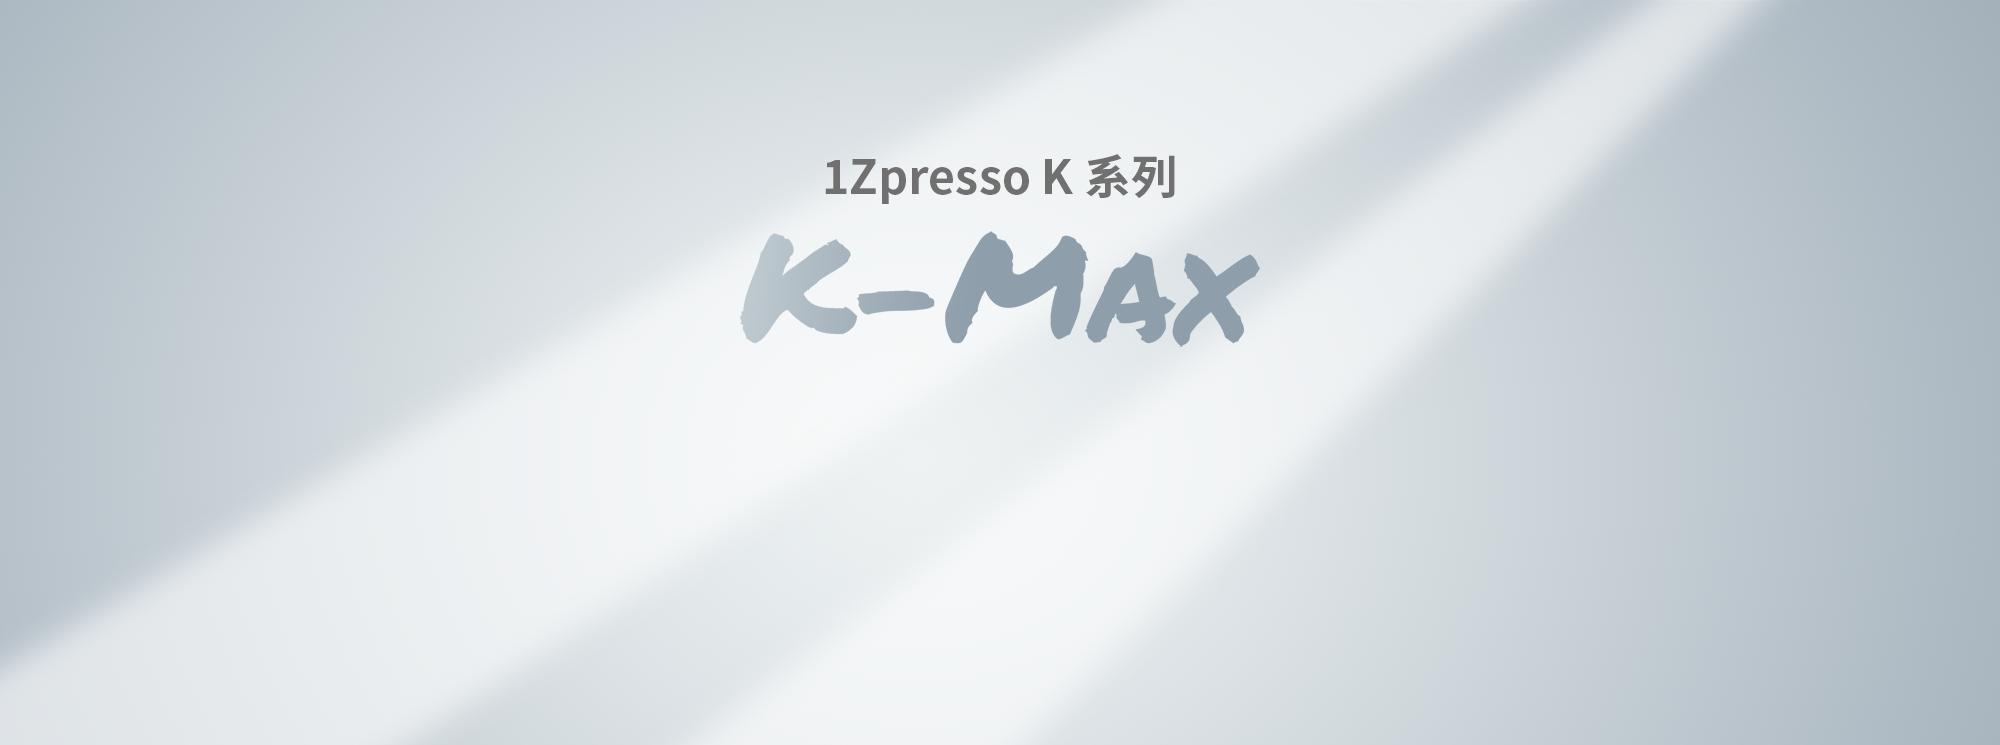 1Zpresso K-max Manual Coffee Grinder